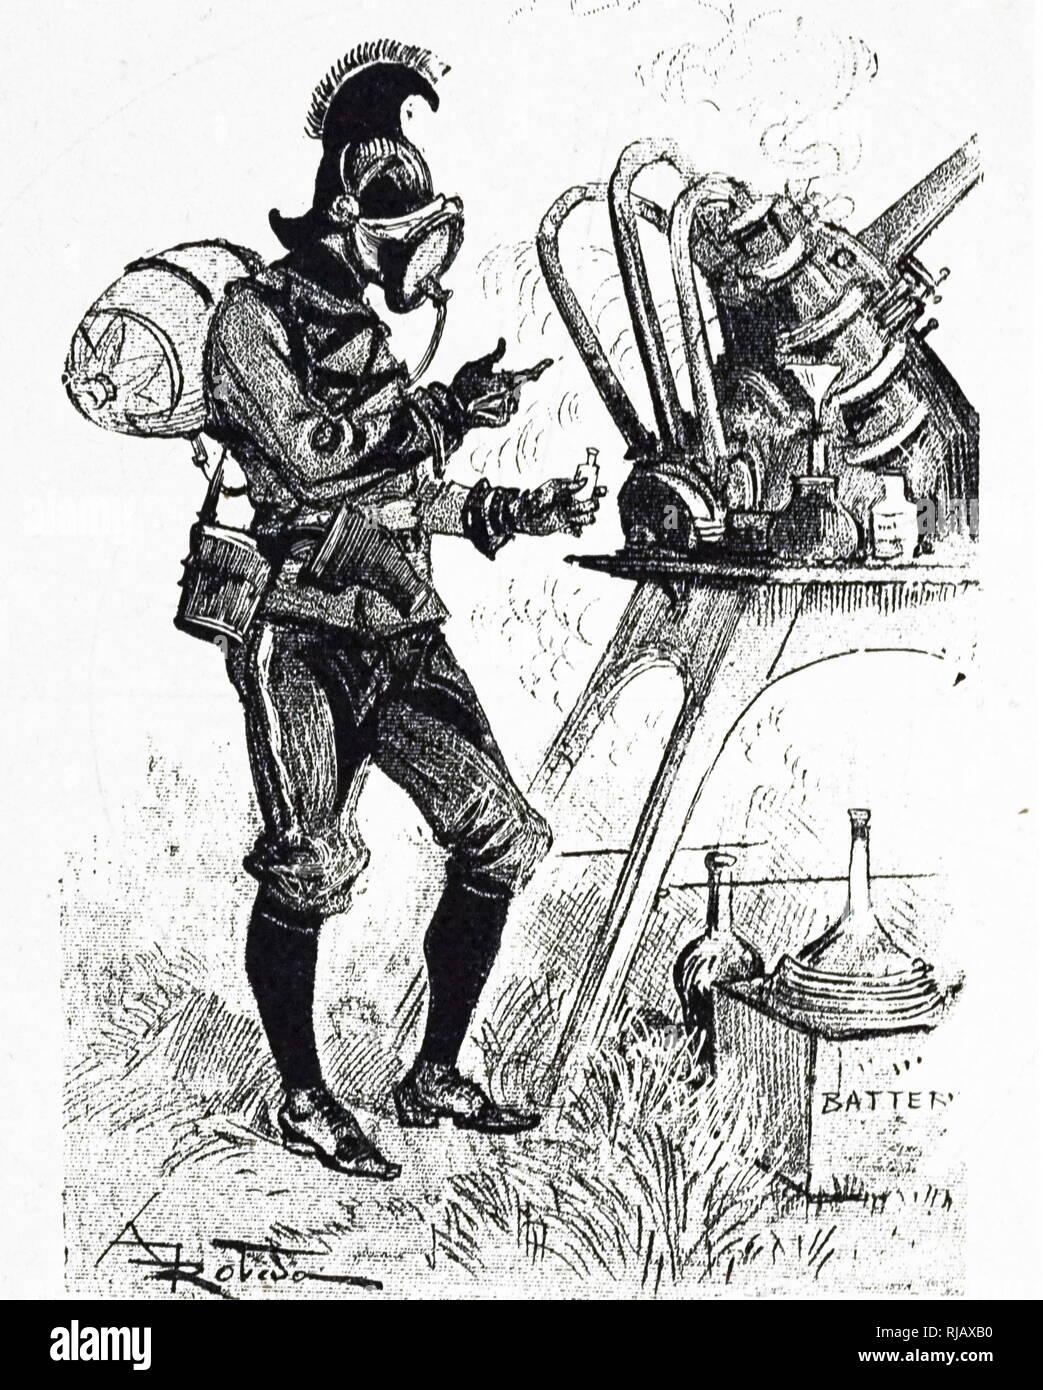 Eine Gravur, die Idee eines Autors, der Kriegsführung Corps in den 1950er Jahren: ein Leutnant in der chemischen Kriegsführung corps. Vom 19. Jahrhundert Stockbild